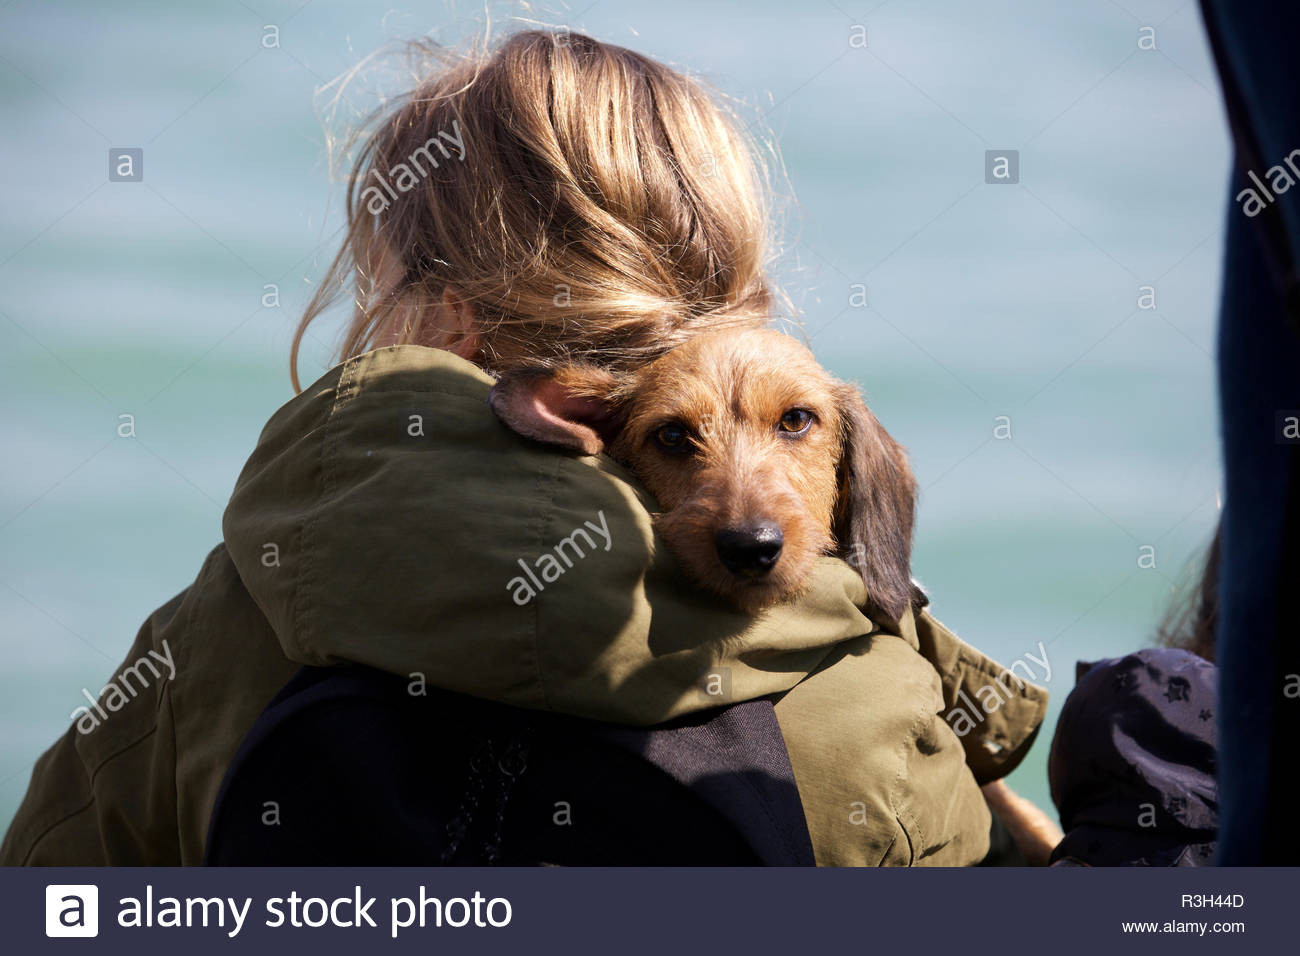 Cane su alle spalle della donna sul traghetto a Venezia il 5 aprile, 2018 (5211) Immagini Stock